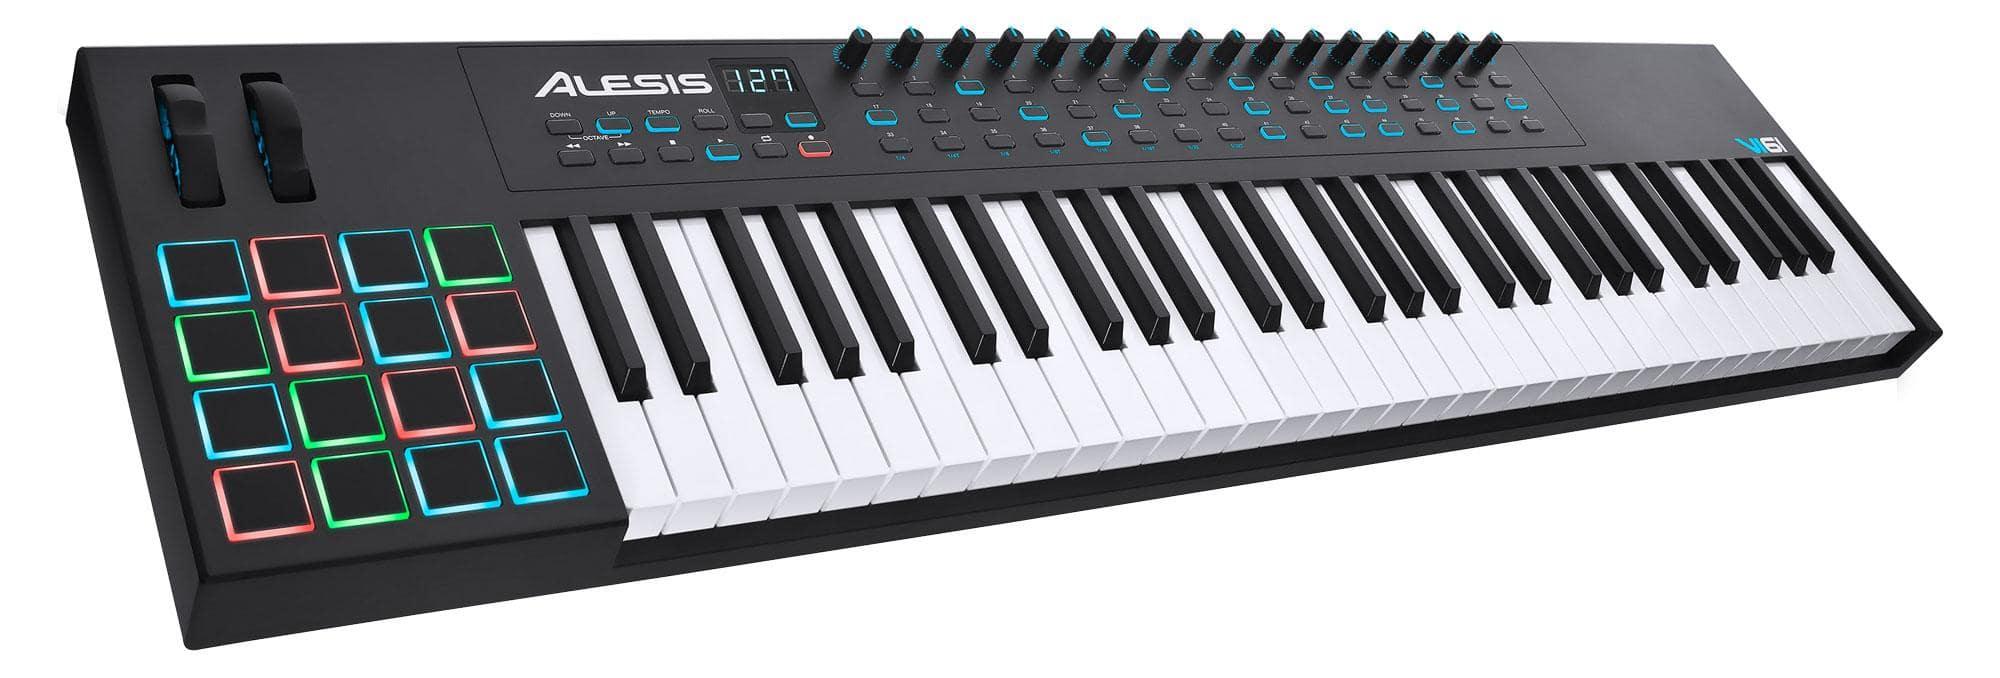 Alesis VI61 USB MIDI Pad|Keyboard Controller mit 61 Tasten